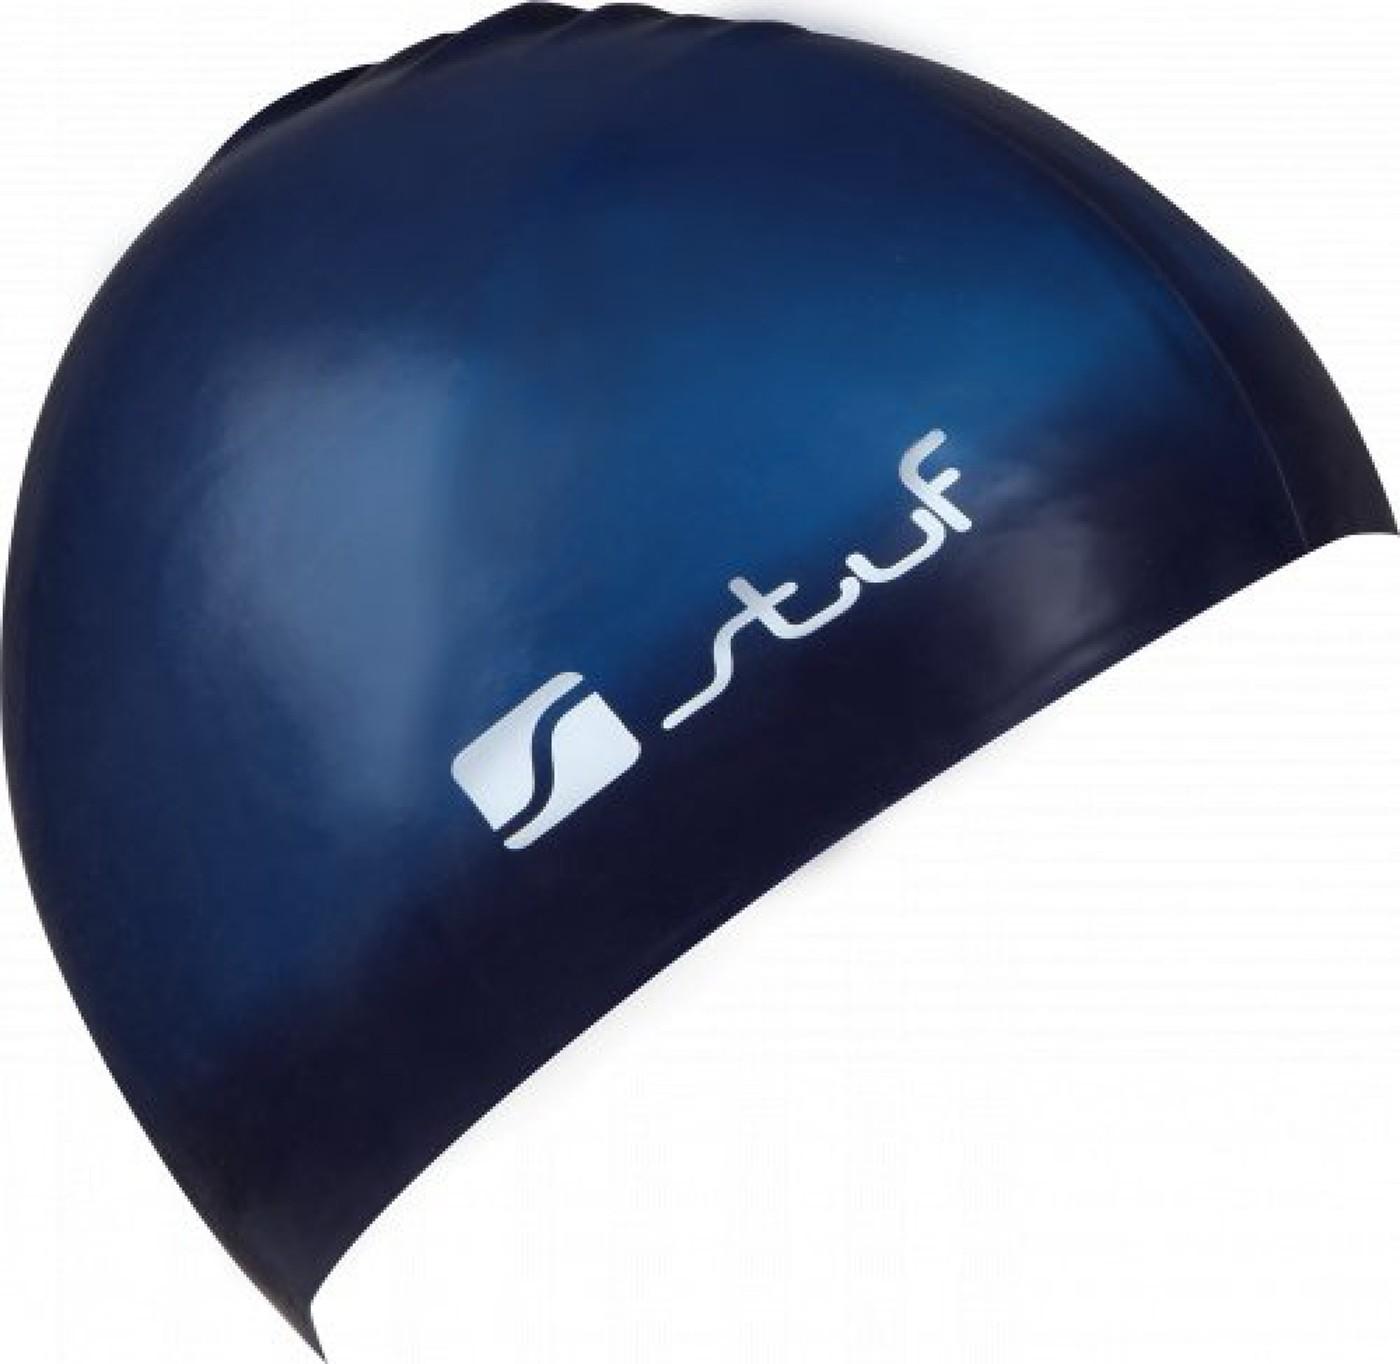 STUF SR. SILICONE SWIMMING CAP